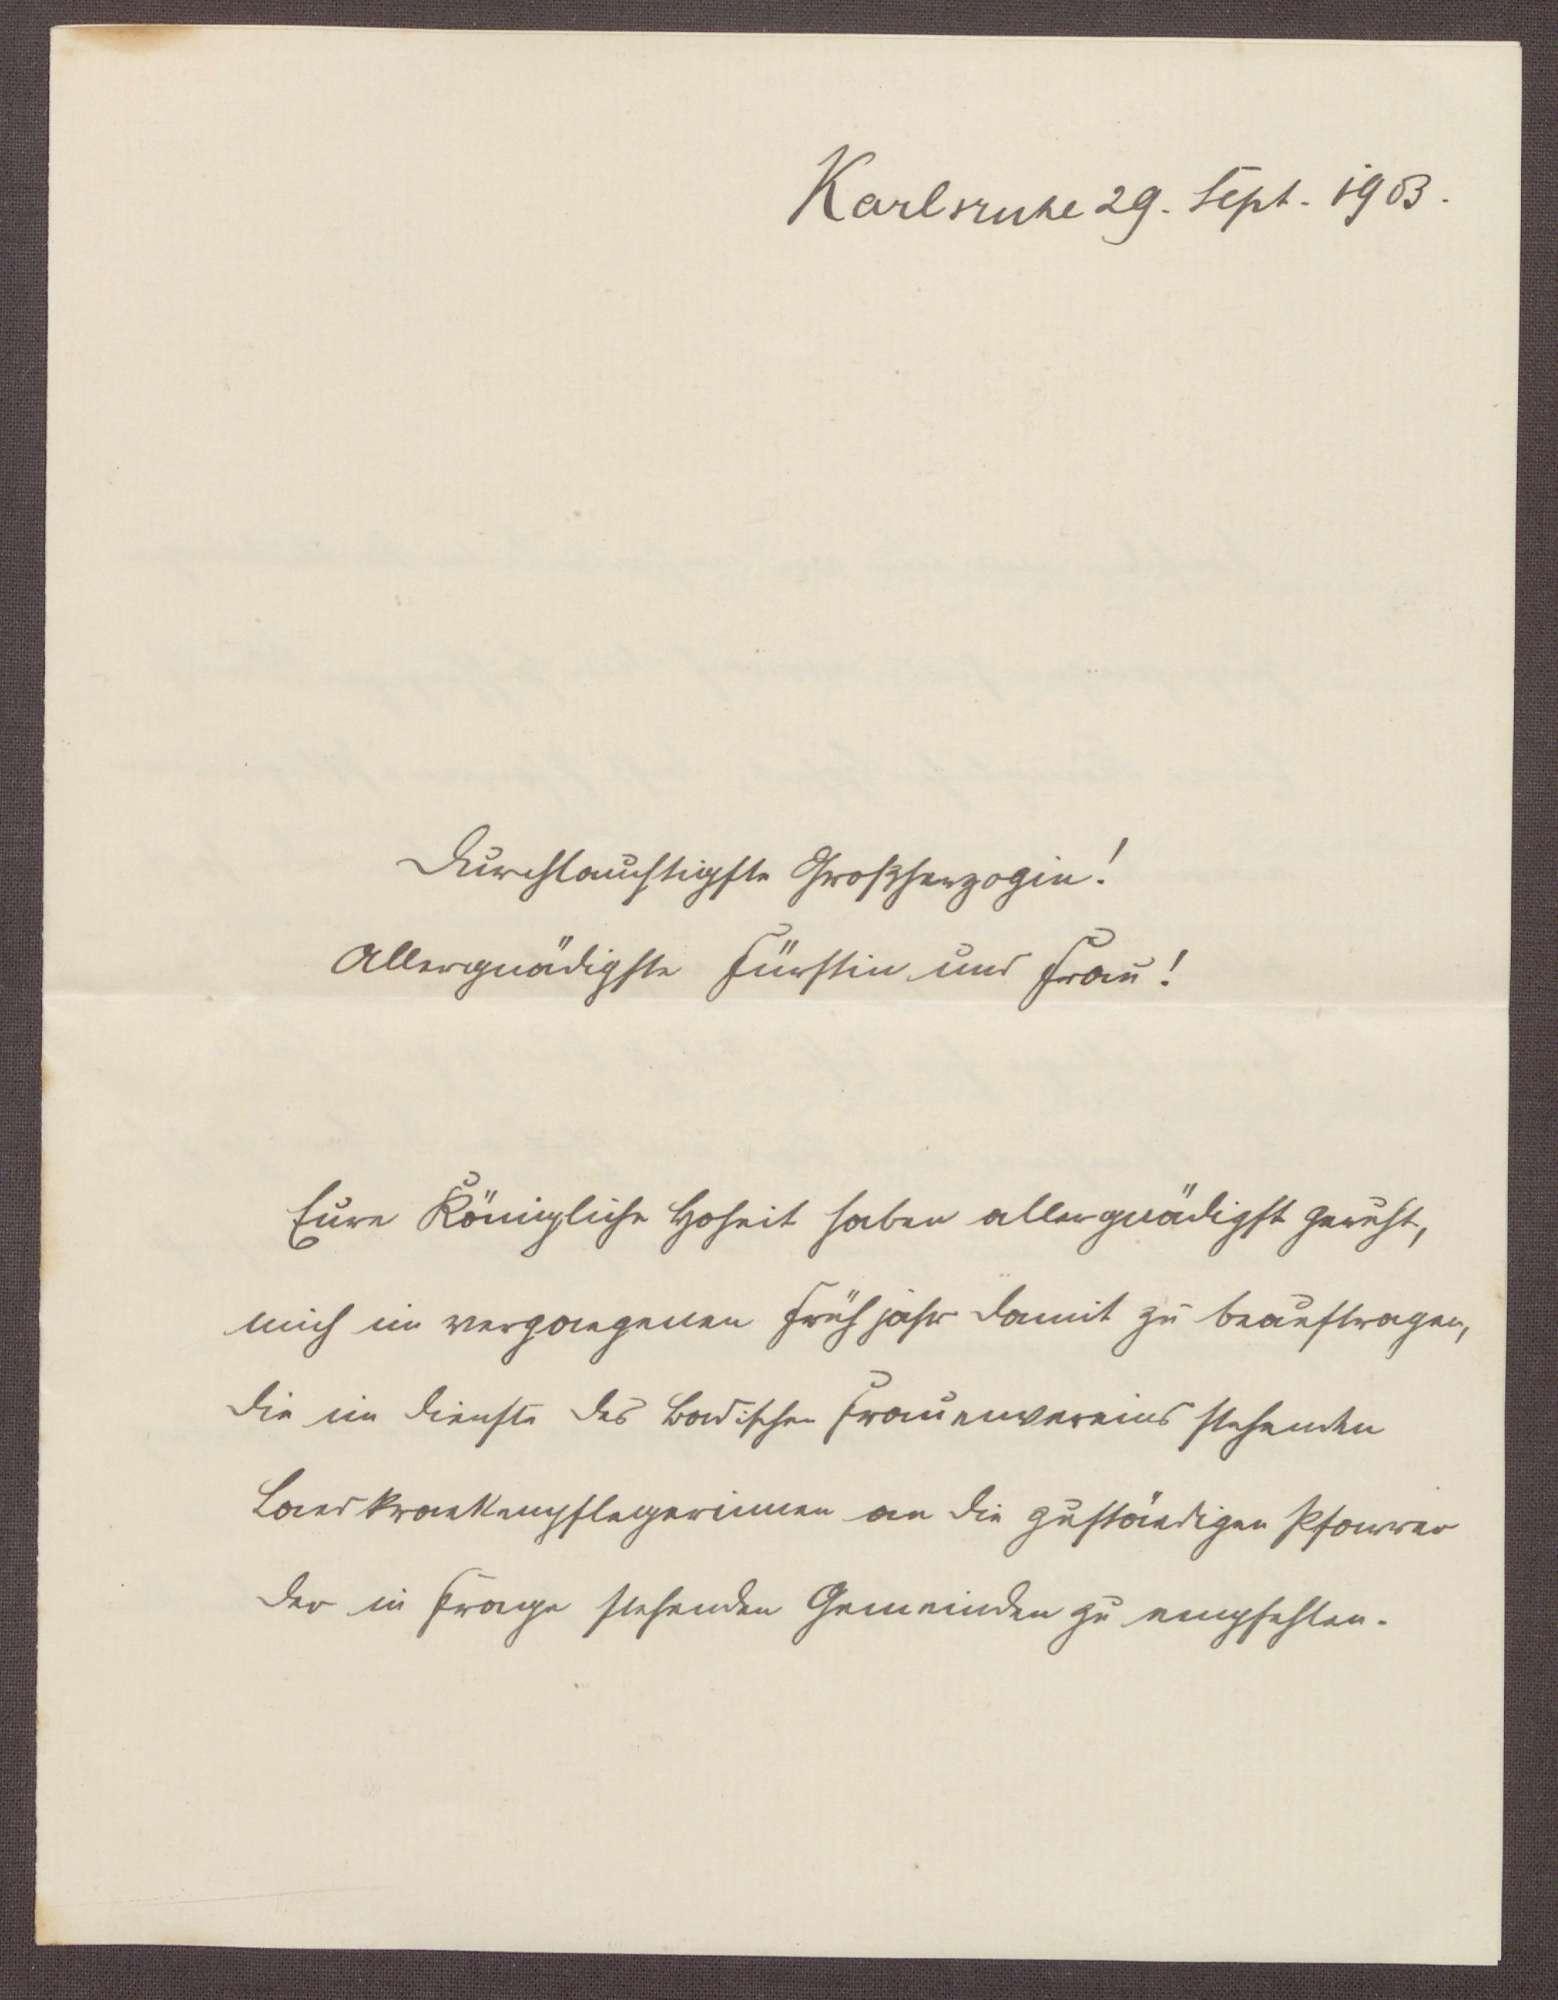 Schreiben von Otto Frommel an die Großherzogin Luise; Beziehung zwischen den Pflegeeinrichtungen und den Pfarreien; neue Orgel für die Kirche in Gaiberg, Bild 1